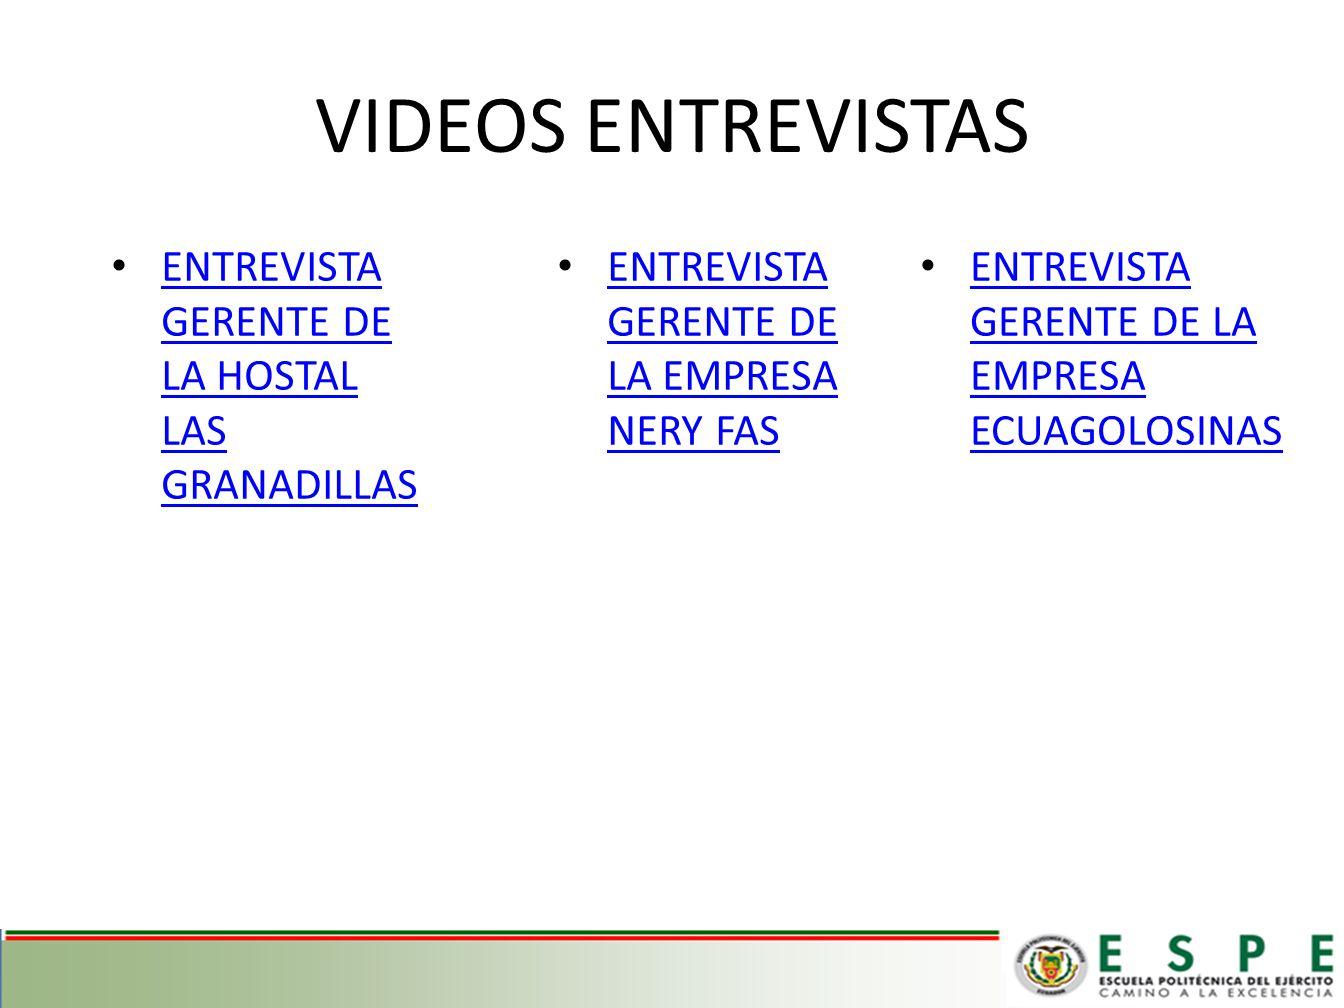 VIDEOS ENTREVISTAS ENTREVISTA GERENTE DE LA HOSTAL LAS GRANADILLAS ENTREVISTA GERENTE DE LA HOSTAL LAS GRANADILLAS ENTREVISTA GERENTE DE LA EMPRESA NERY FAS ENTREVISTA GERENTE DE LA EMPRESA NERY FAS ENTREVISTA GERENTE DE LA EMPRESA ECUAGOLOSINAS ENTREVISTA GERENTE DE LA EMPRESA ECUAGOLOSINAS